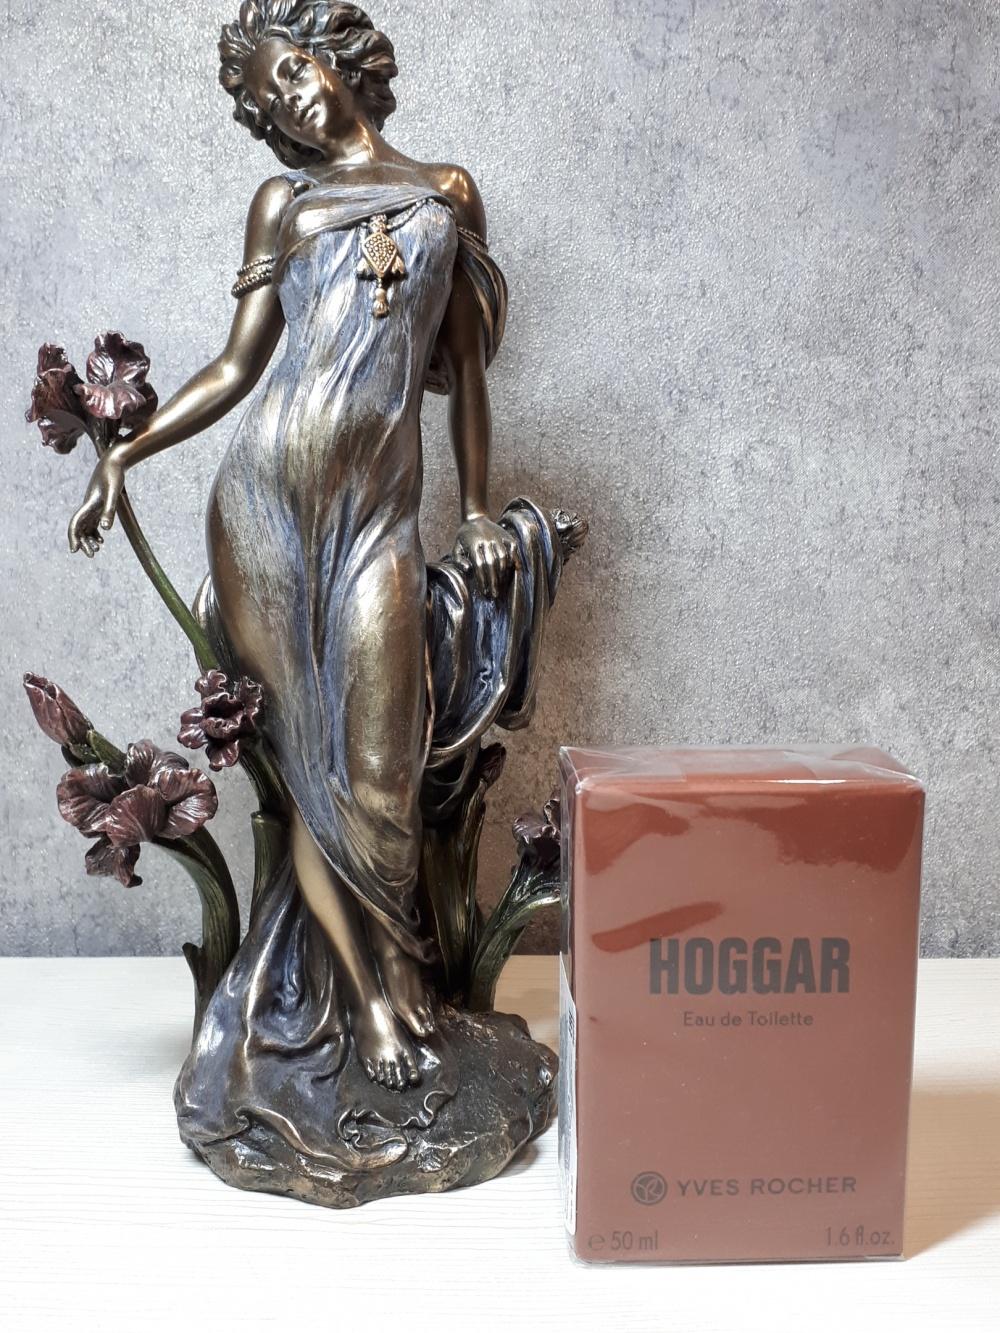 Туалетная Вода для  «Hoggar», Yves Rocher, 50 мл.